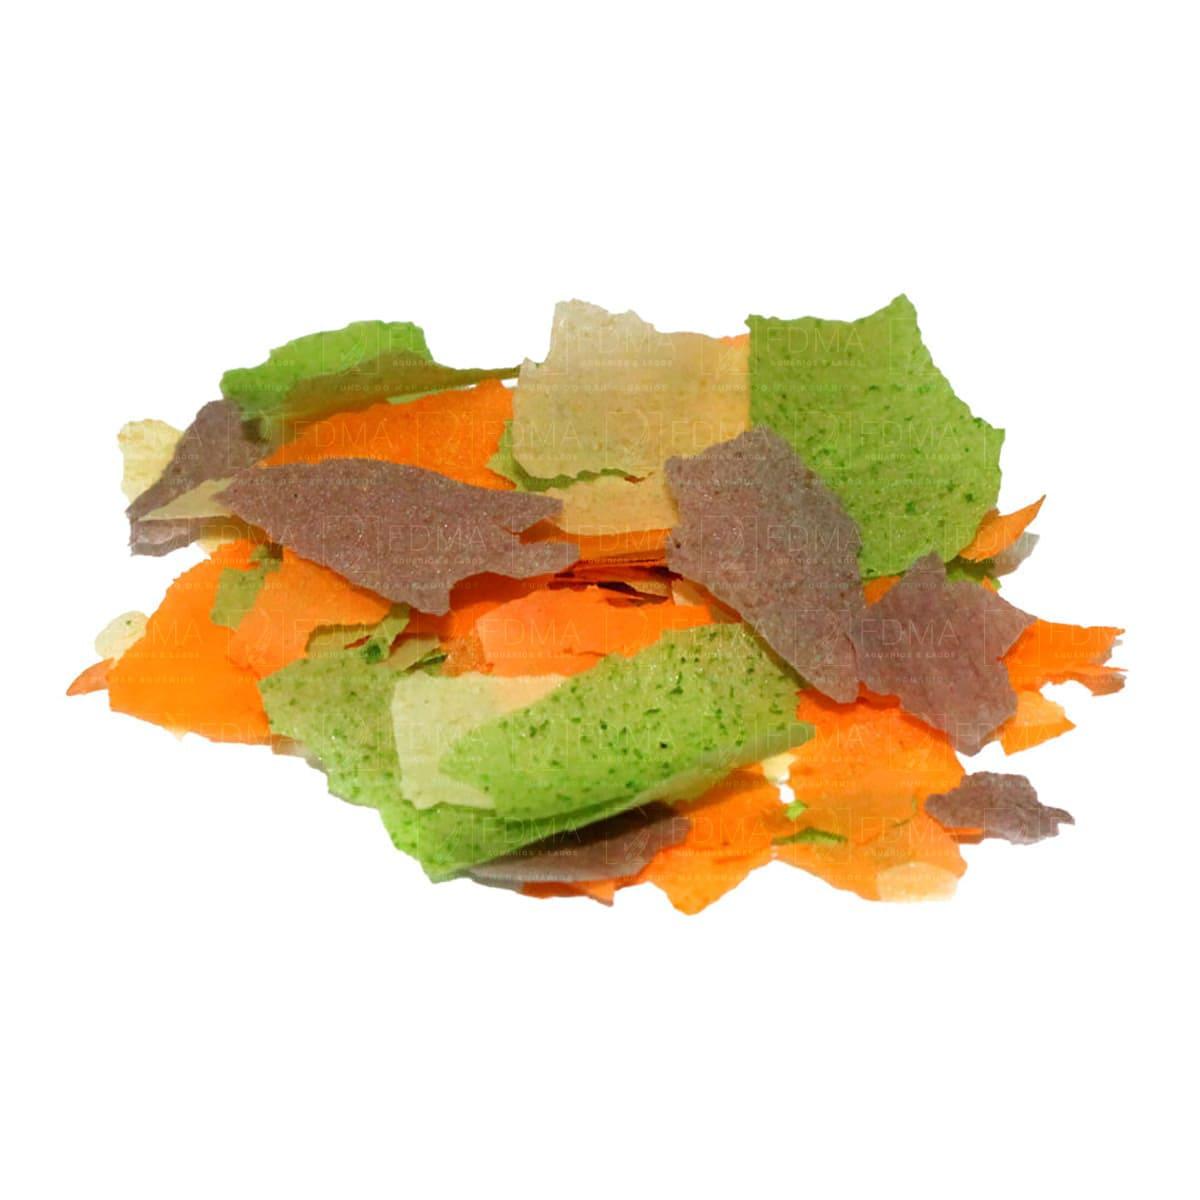 Ração Prodac Goldfish Flakes 6g - Especial para Kinguios